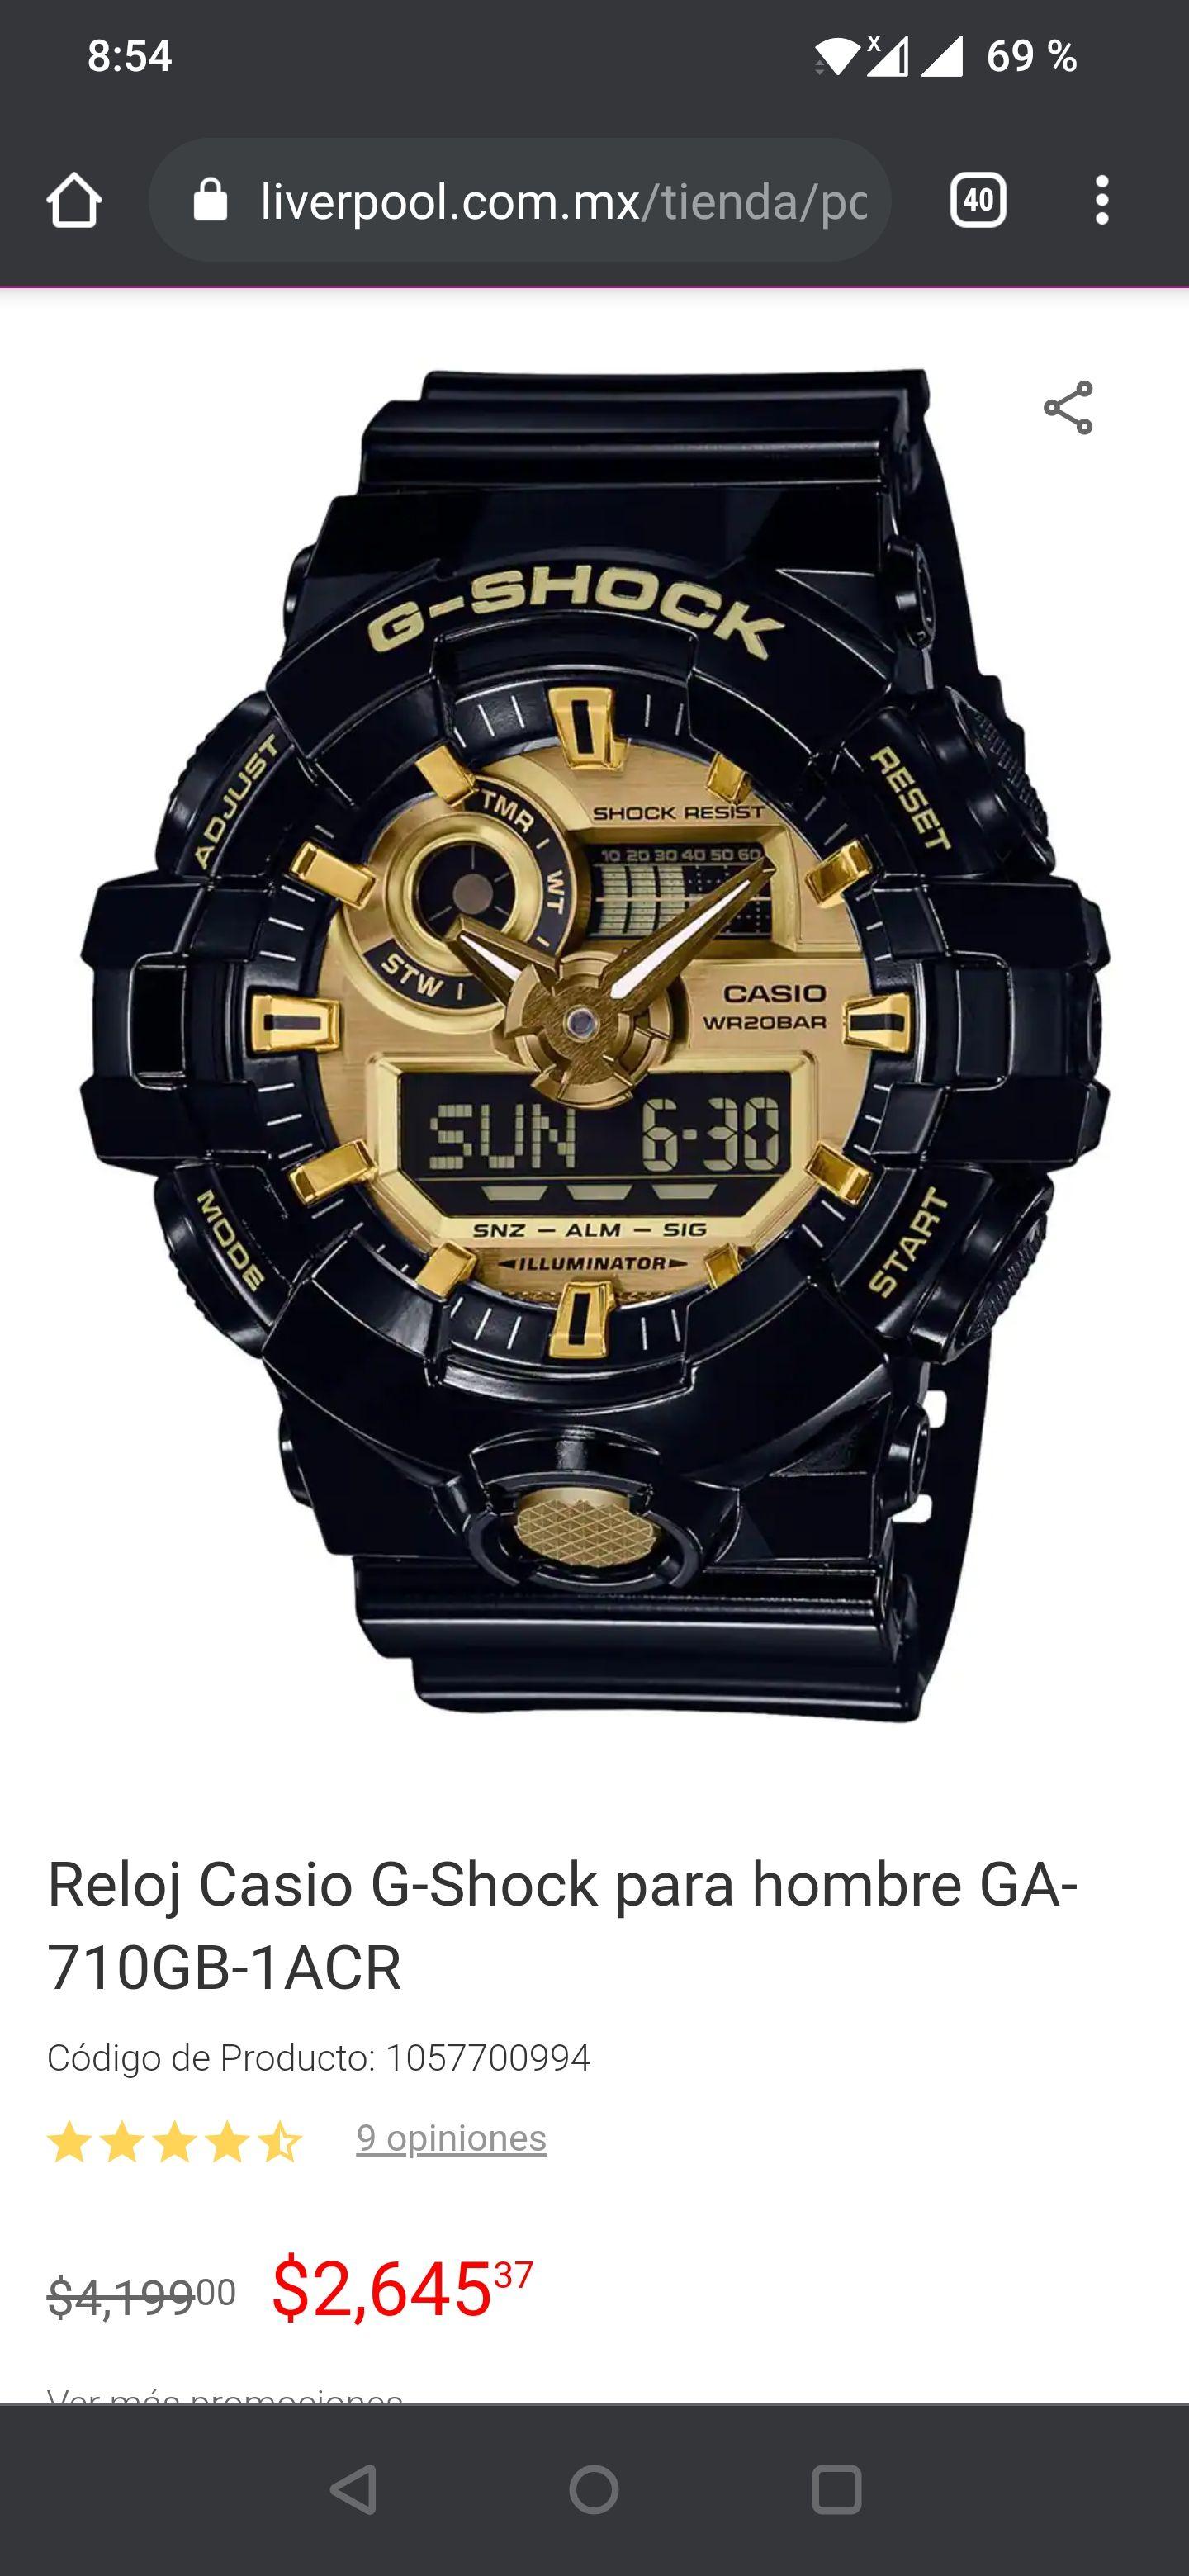 Liverpool: Reloj Casio G-Shock para hombre GA-710GB-1ACR Color: Negro ($2513.1 con cupón pocketmenos5 para primera compra con app liverpool)